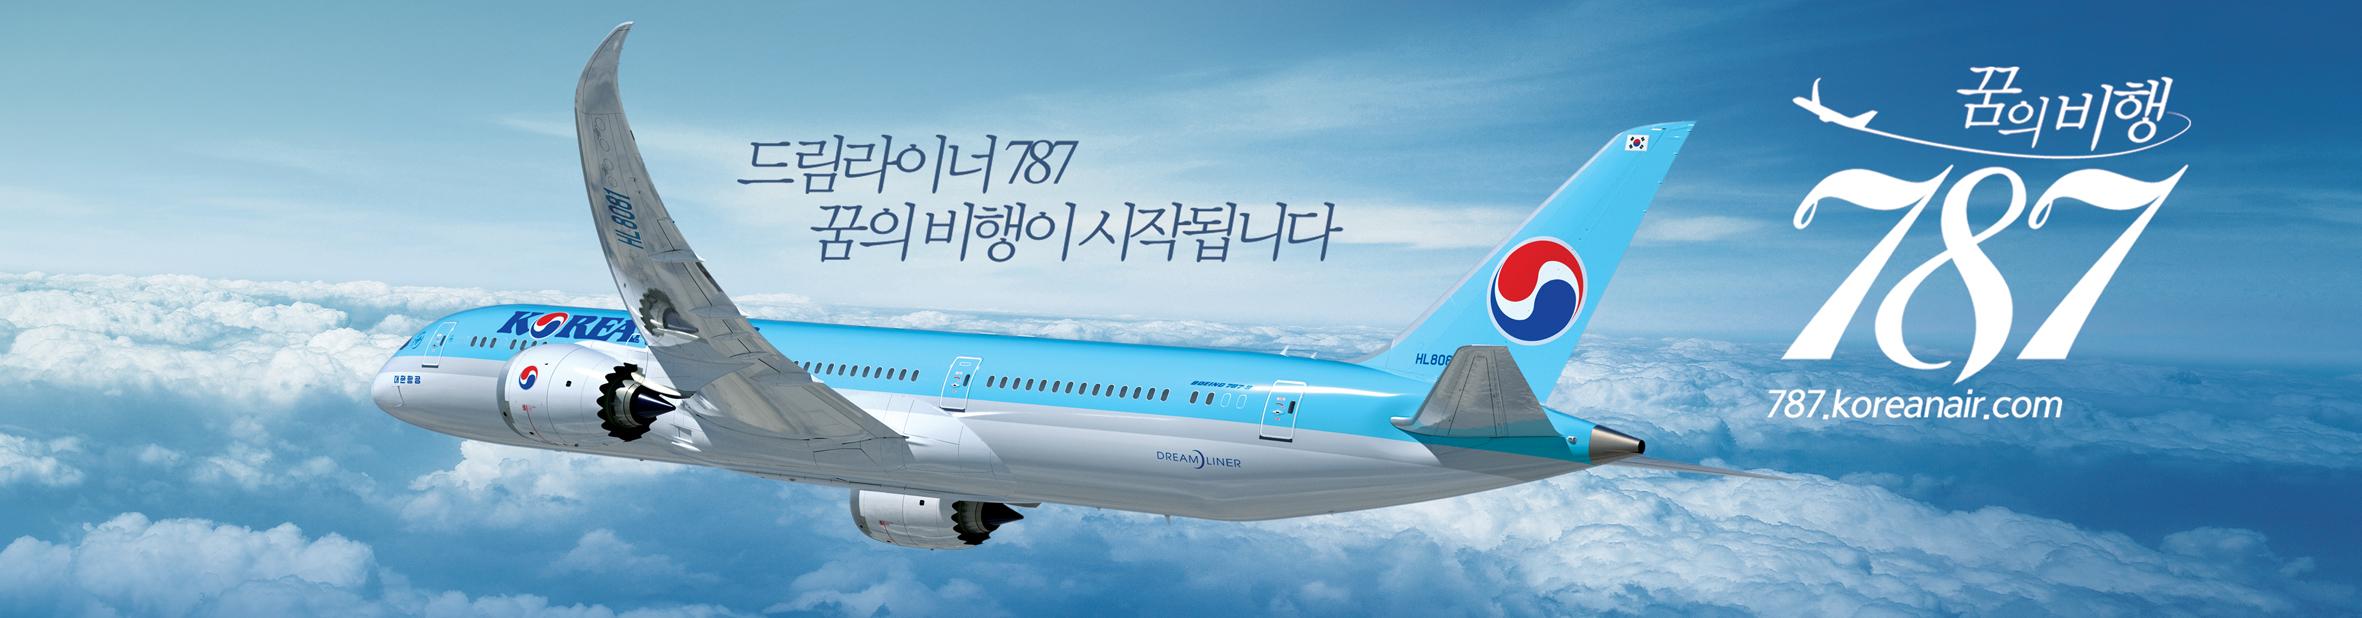 대한항공_787 BUS